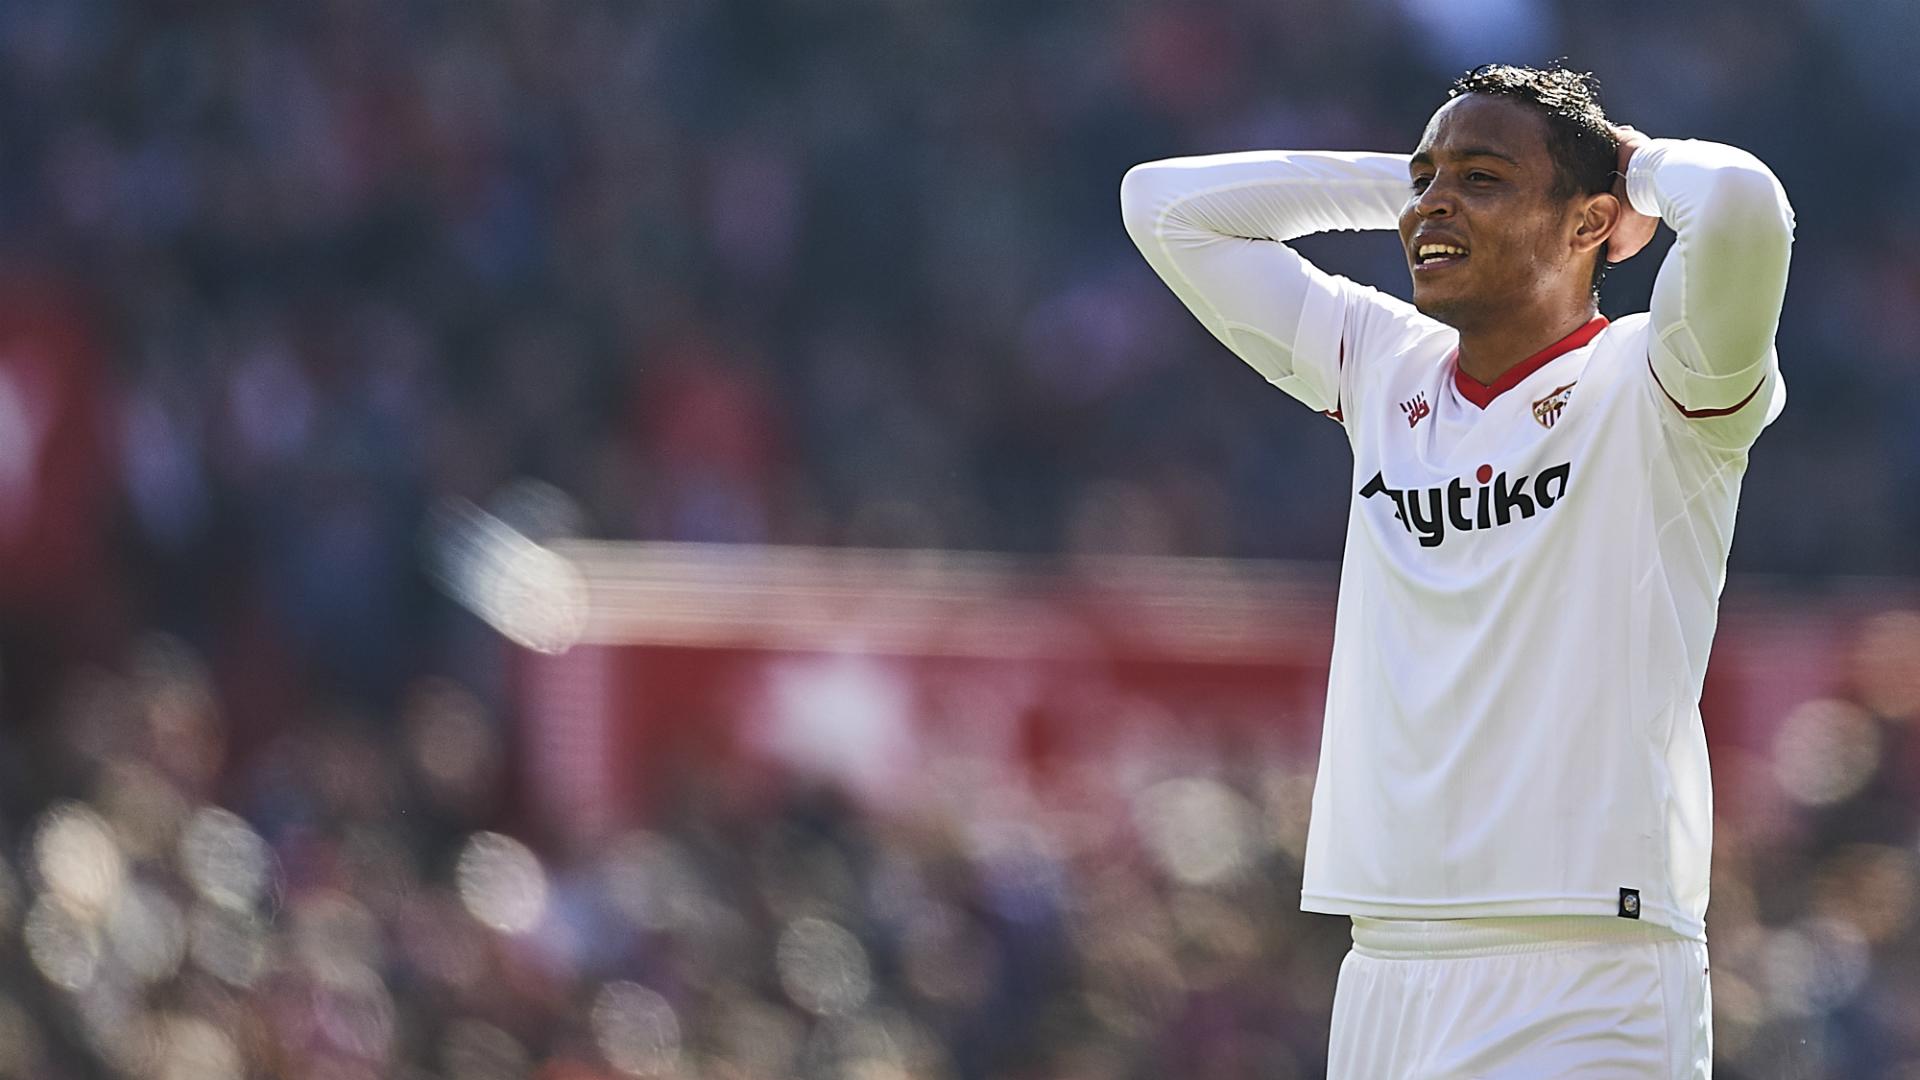 Muriel salió lesionado en la victoria del Sevilla